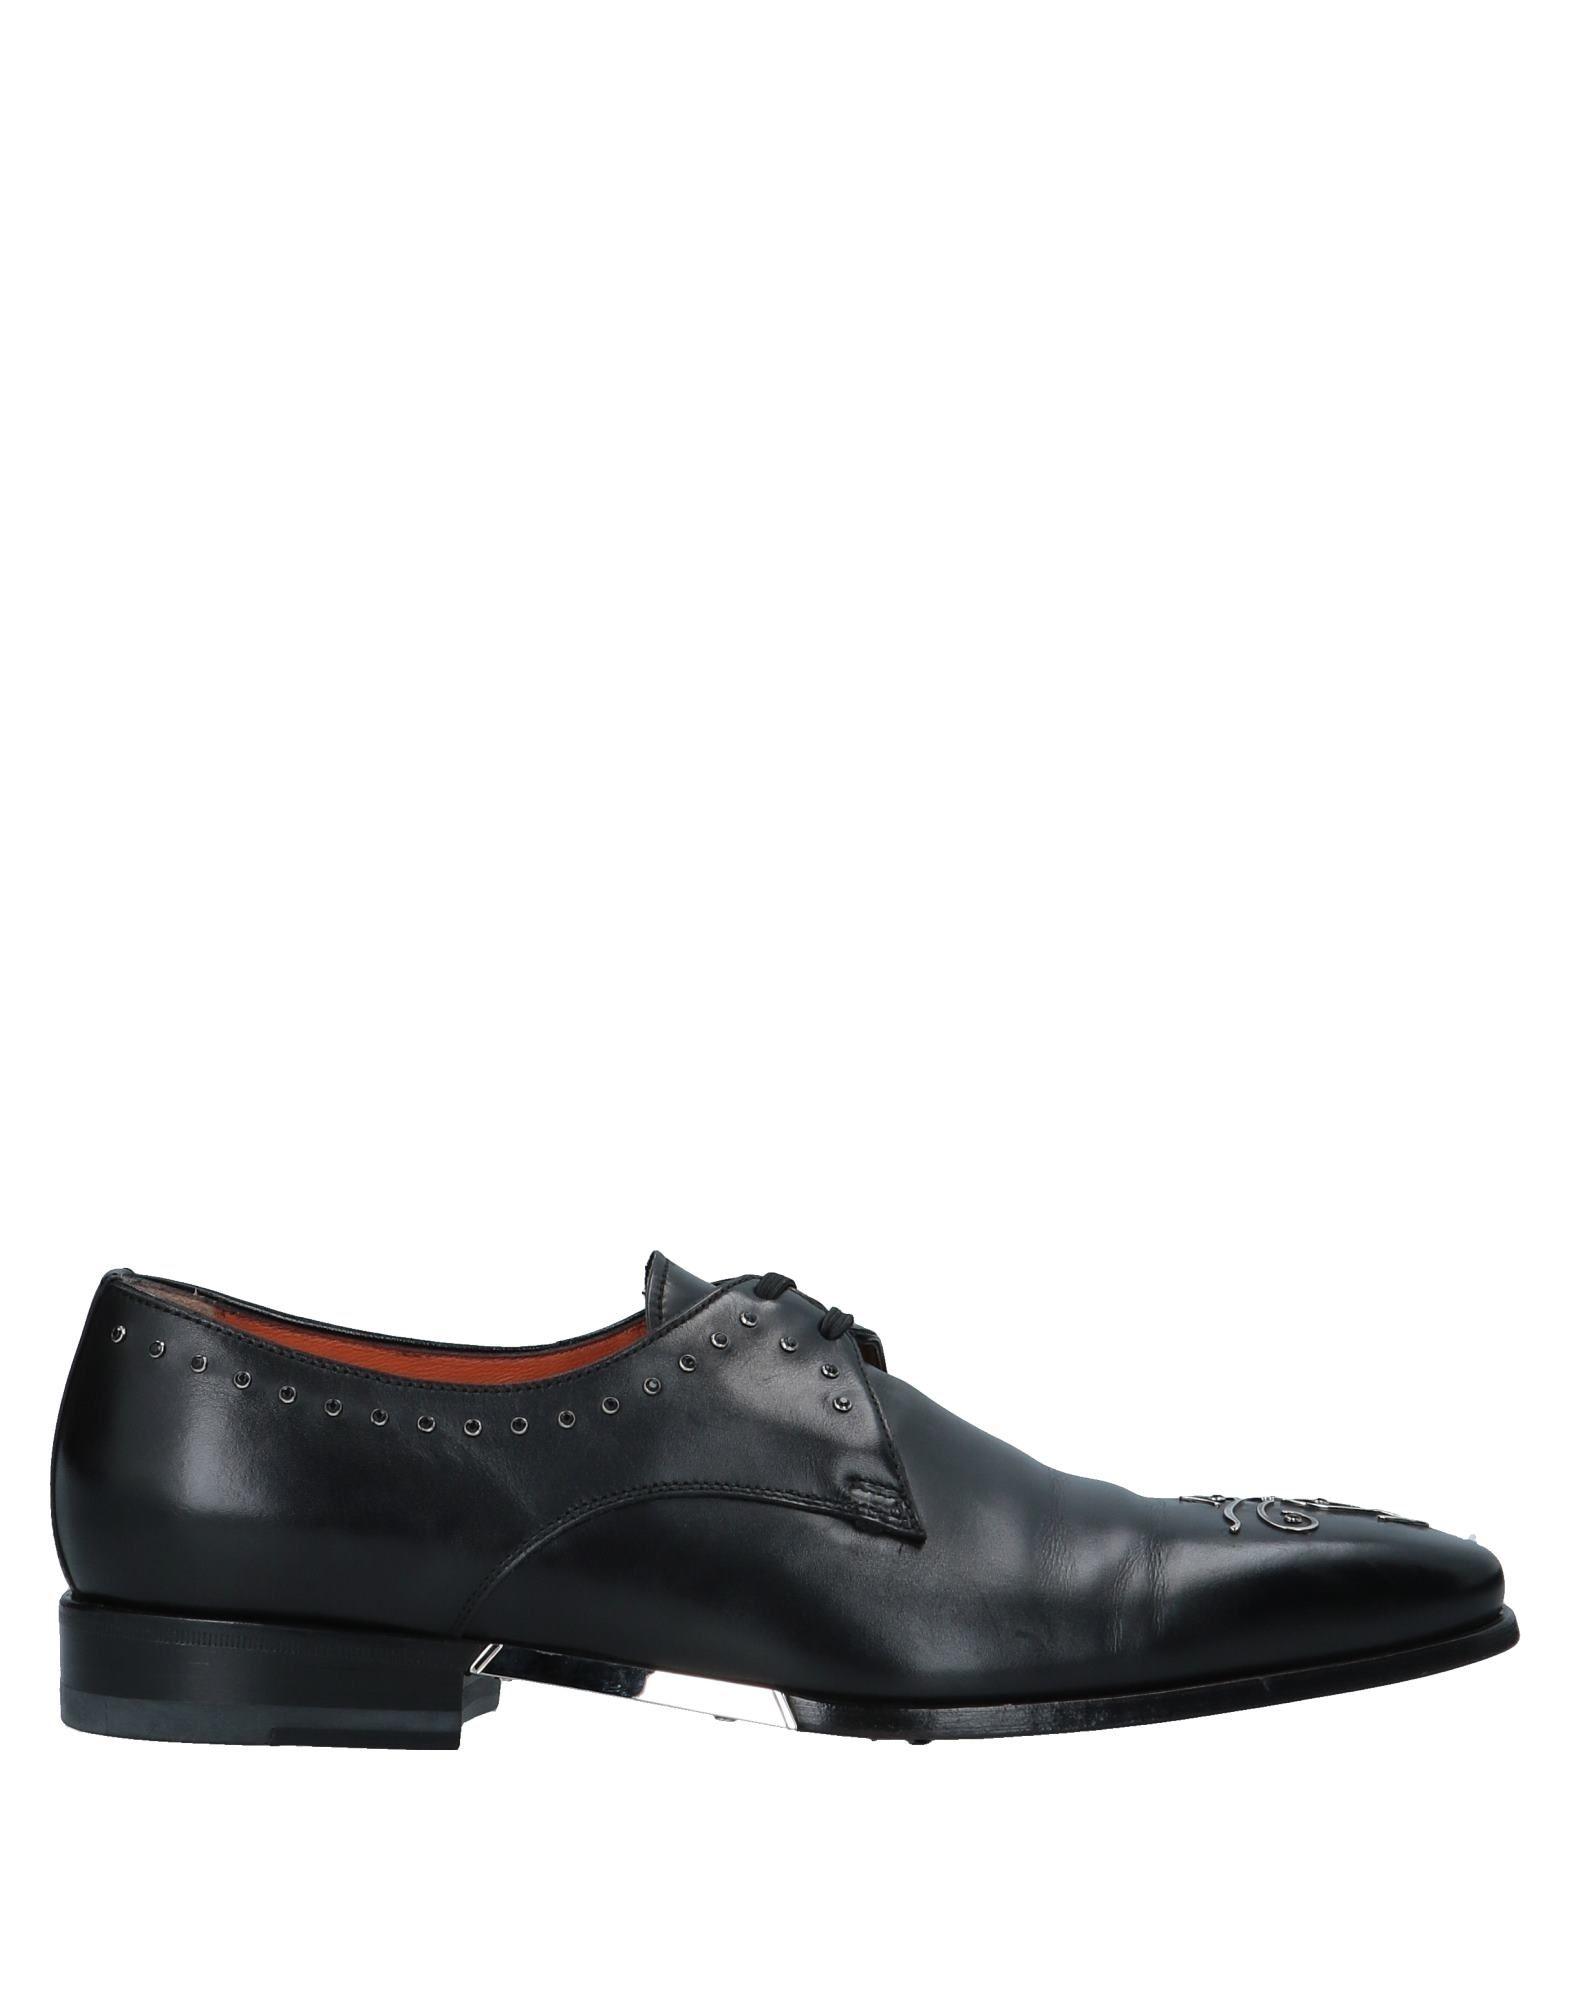 Santoni Schnürschuhe Herren  11542513GT Gute Qualität beliebte Schuhe